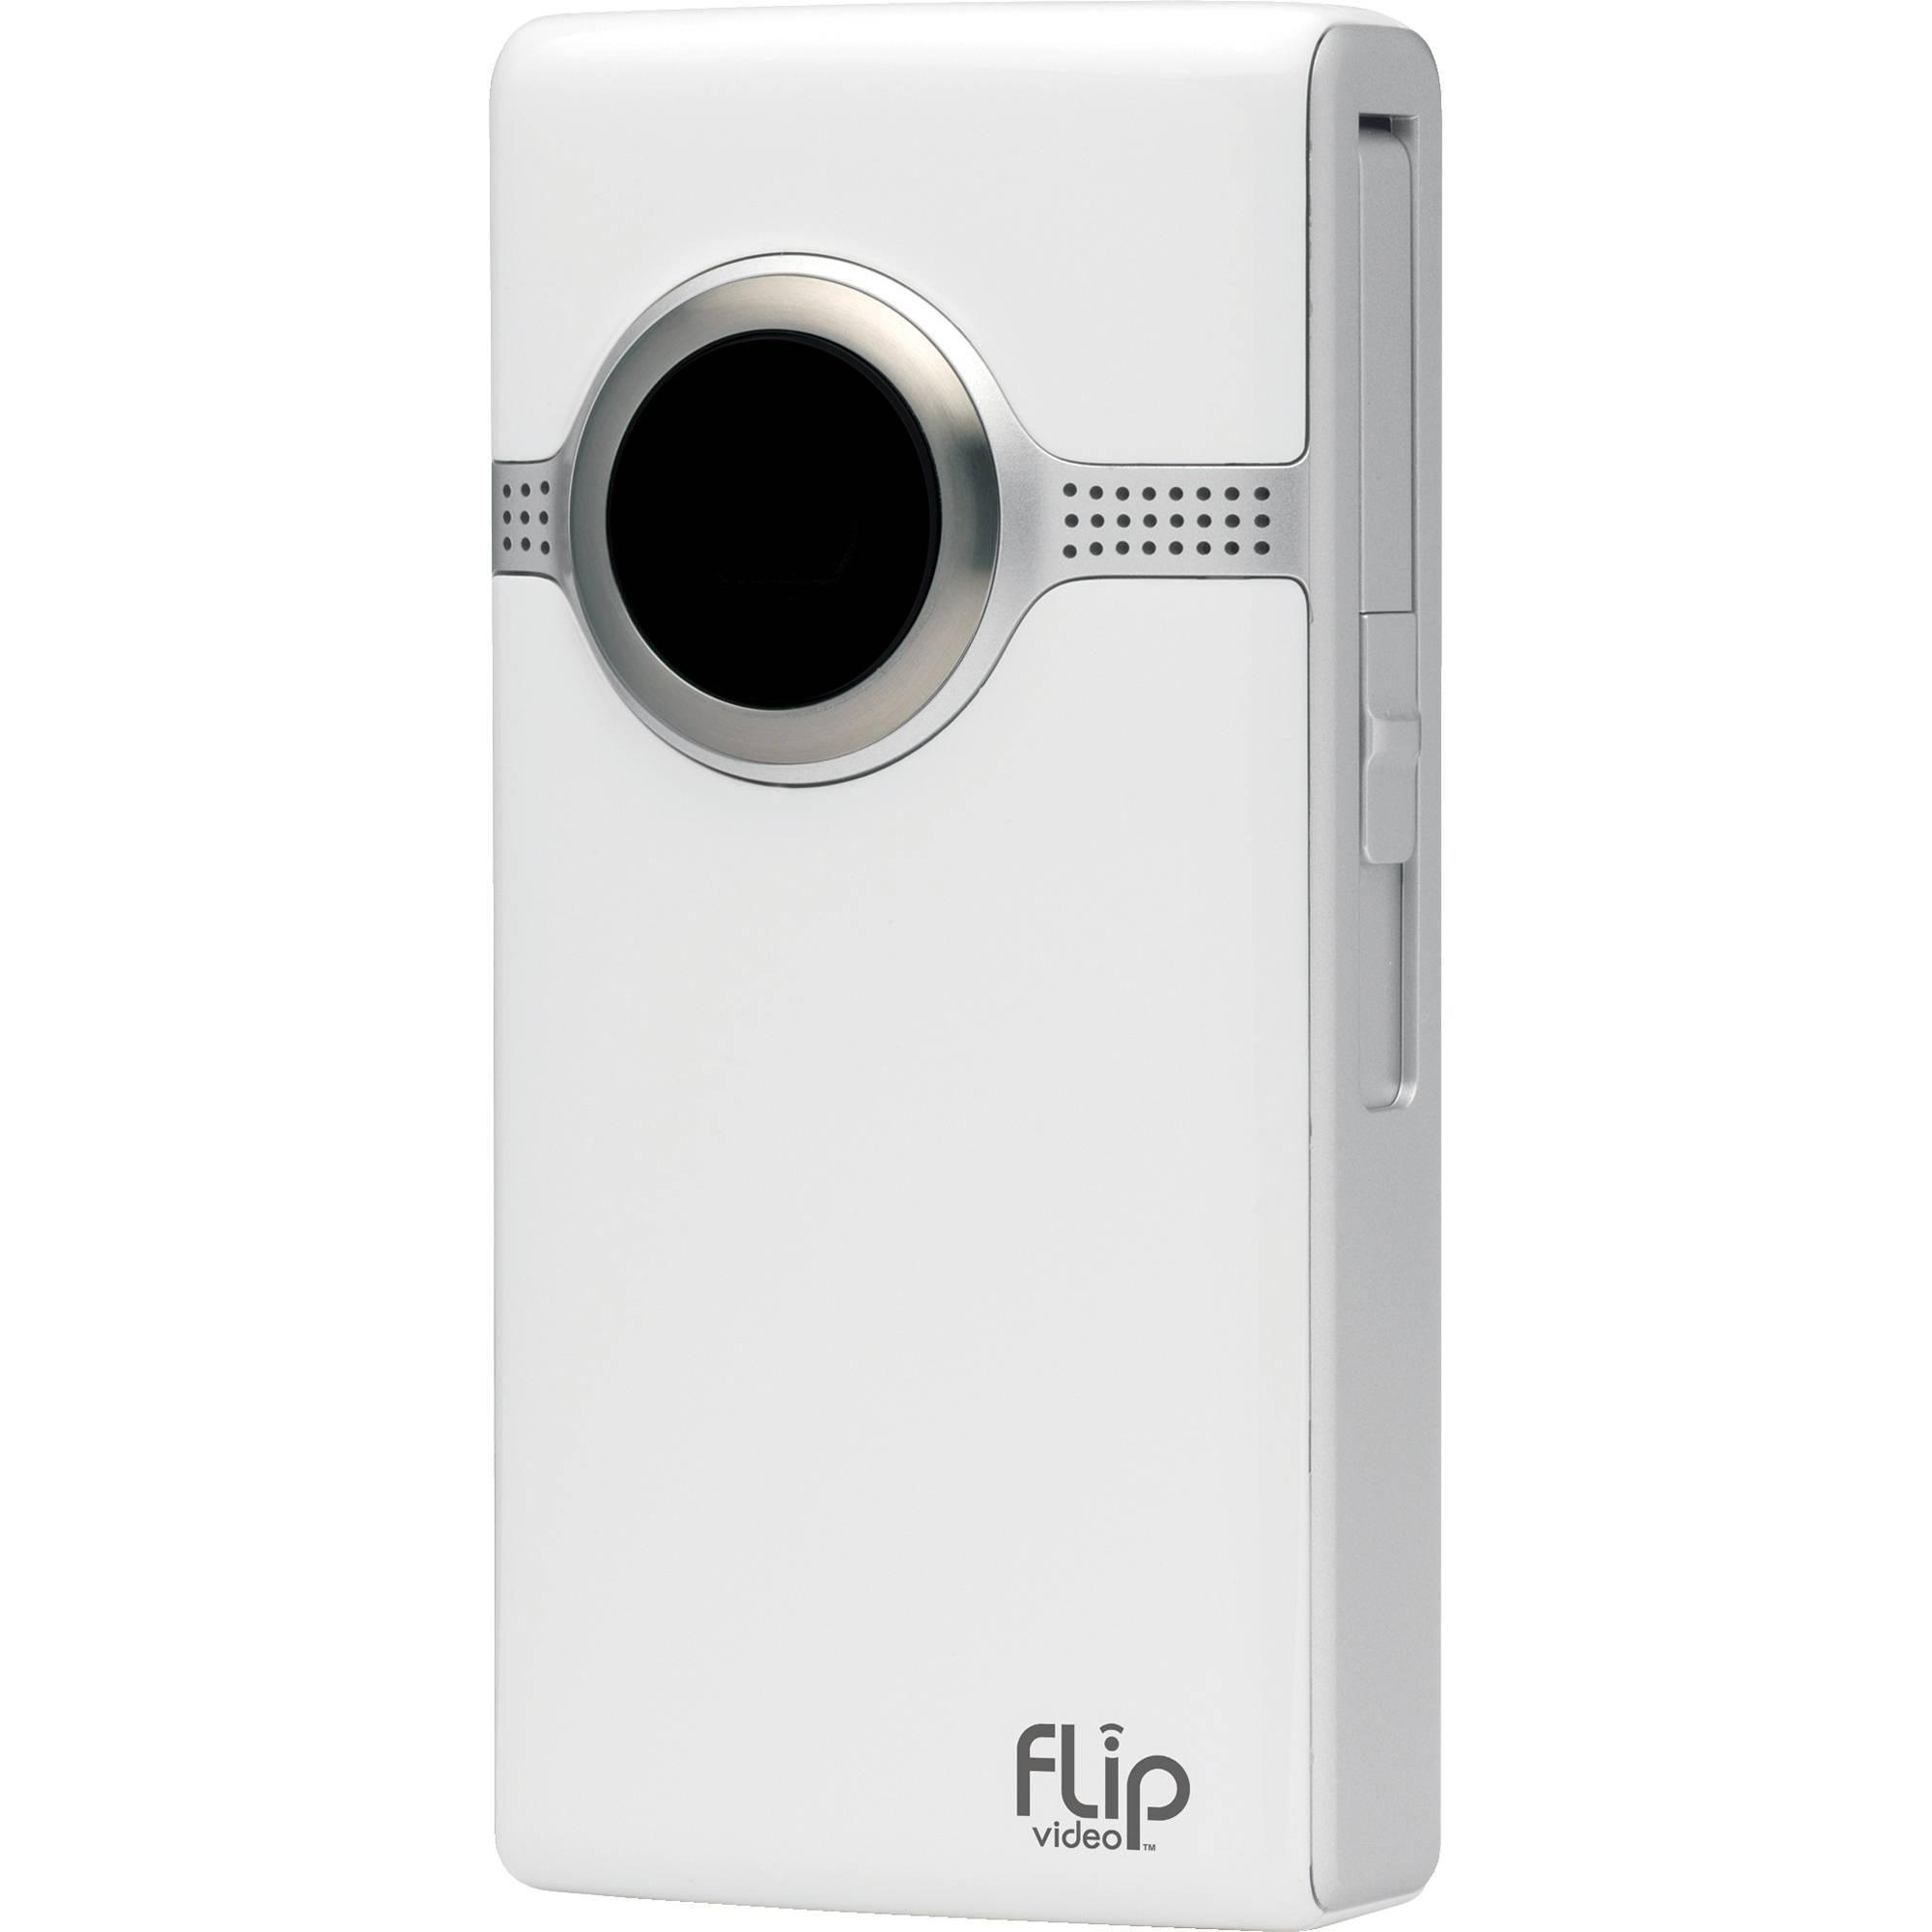 flip video ultrahd video camera white 2 hours u32120w b h rh bhphotovideo com Cisco Flip Ultra HD HD Flip Video Camera